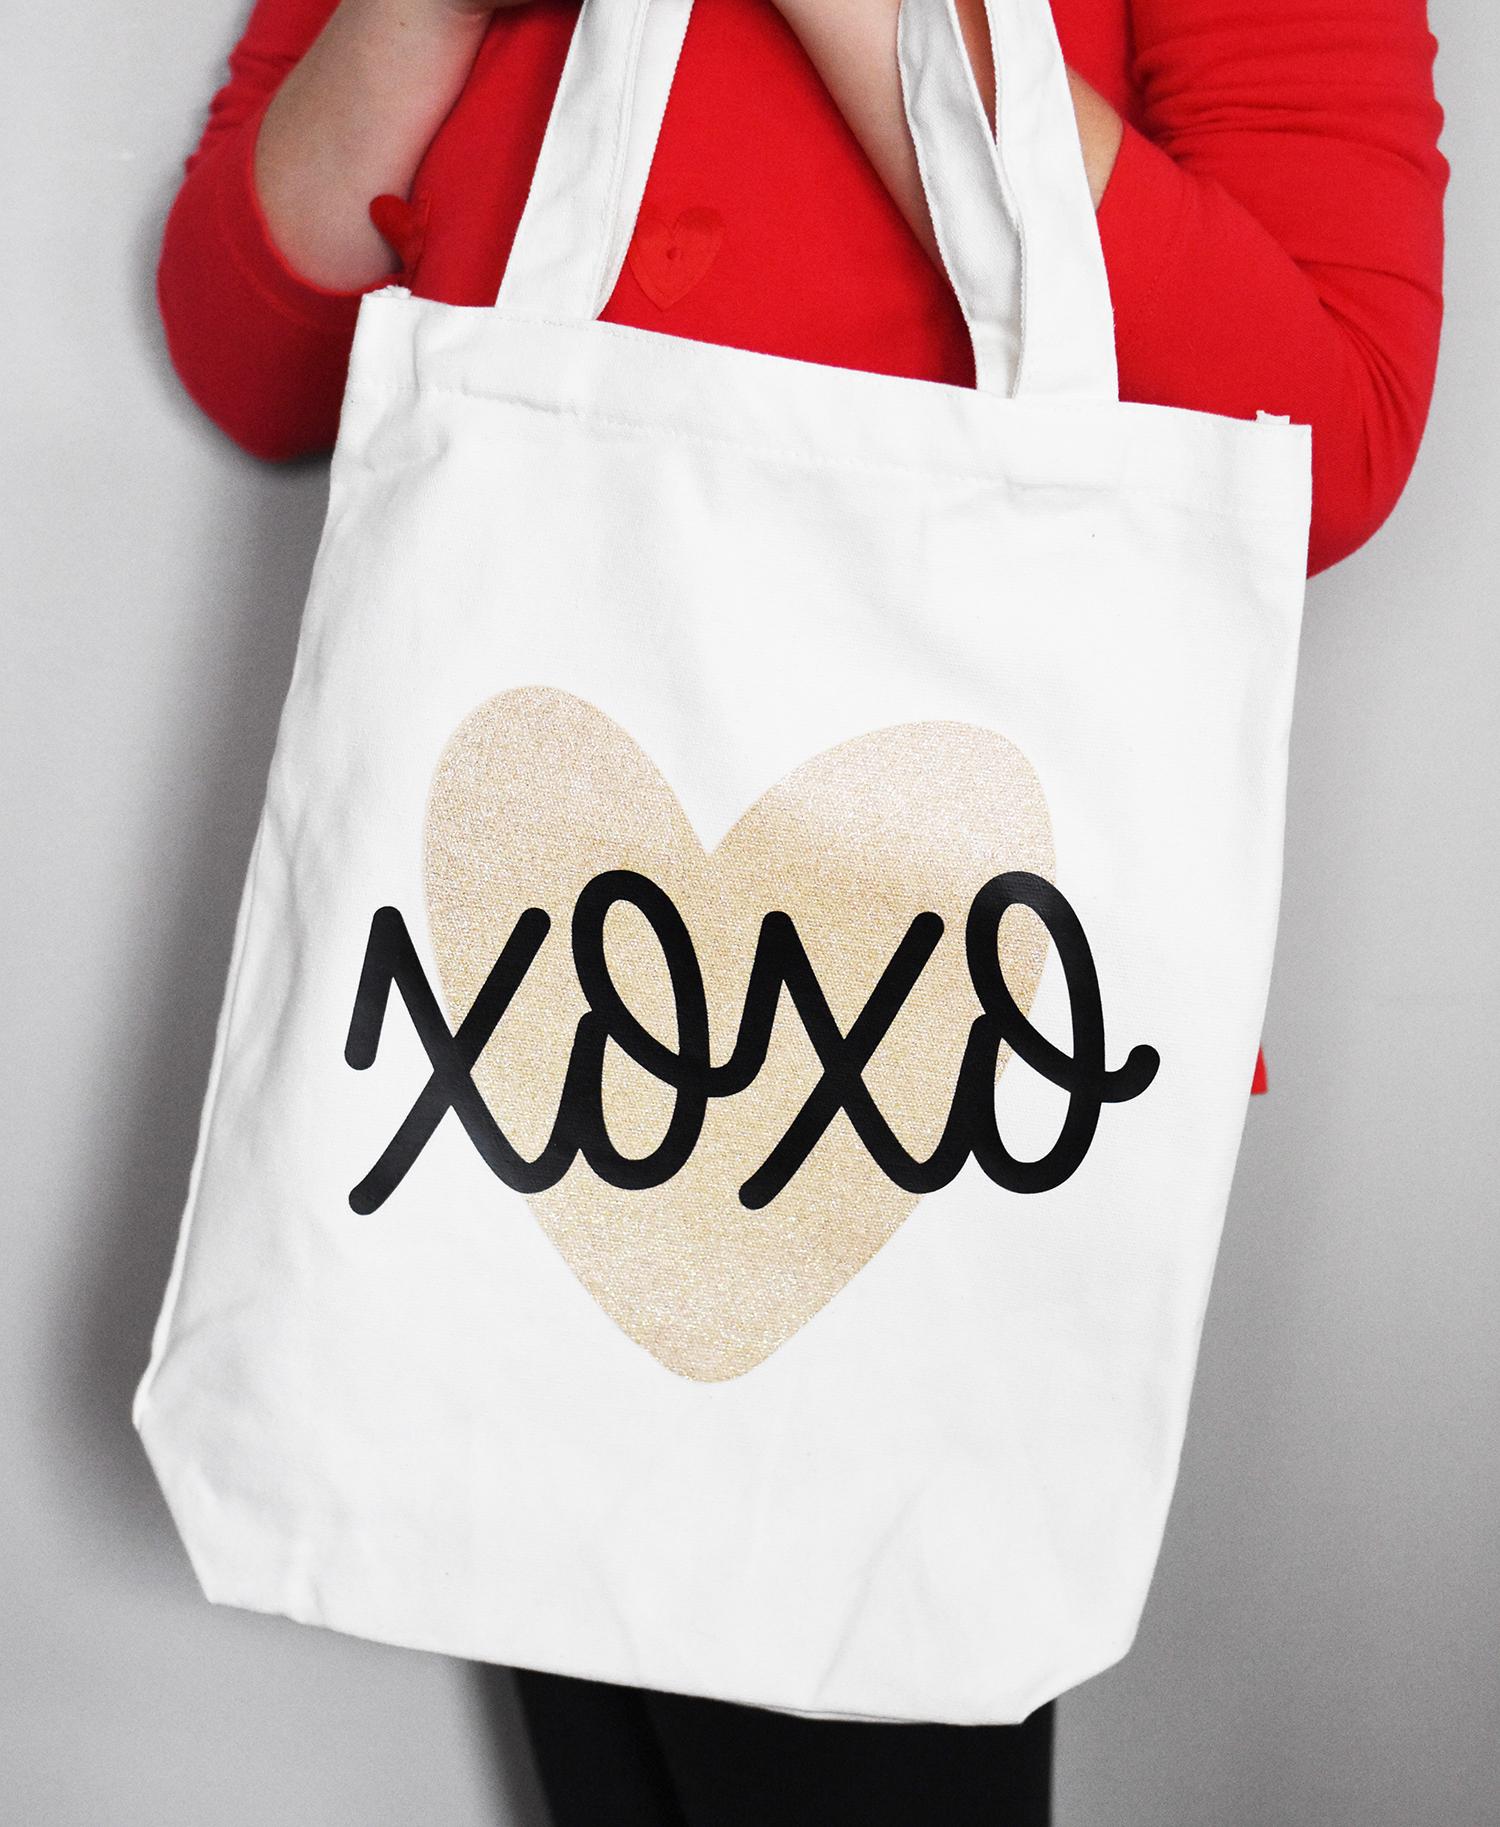 {Valentine's Day} DIY XOXO Tote Bag Gift